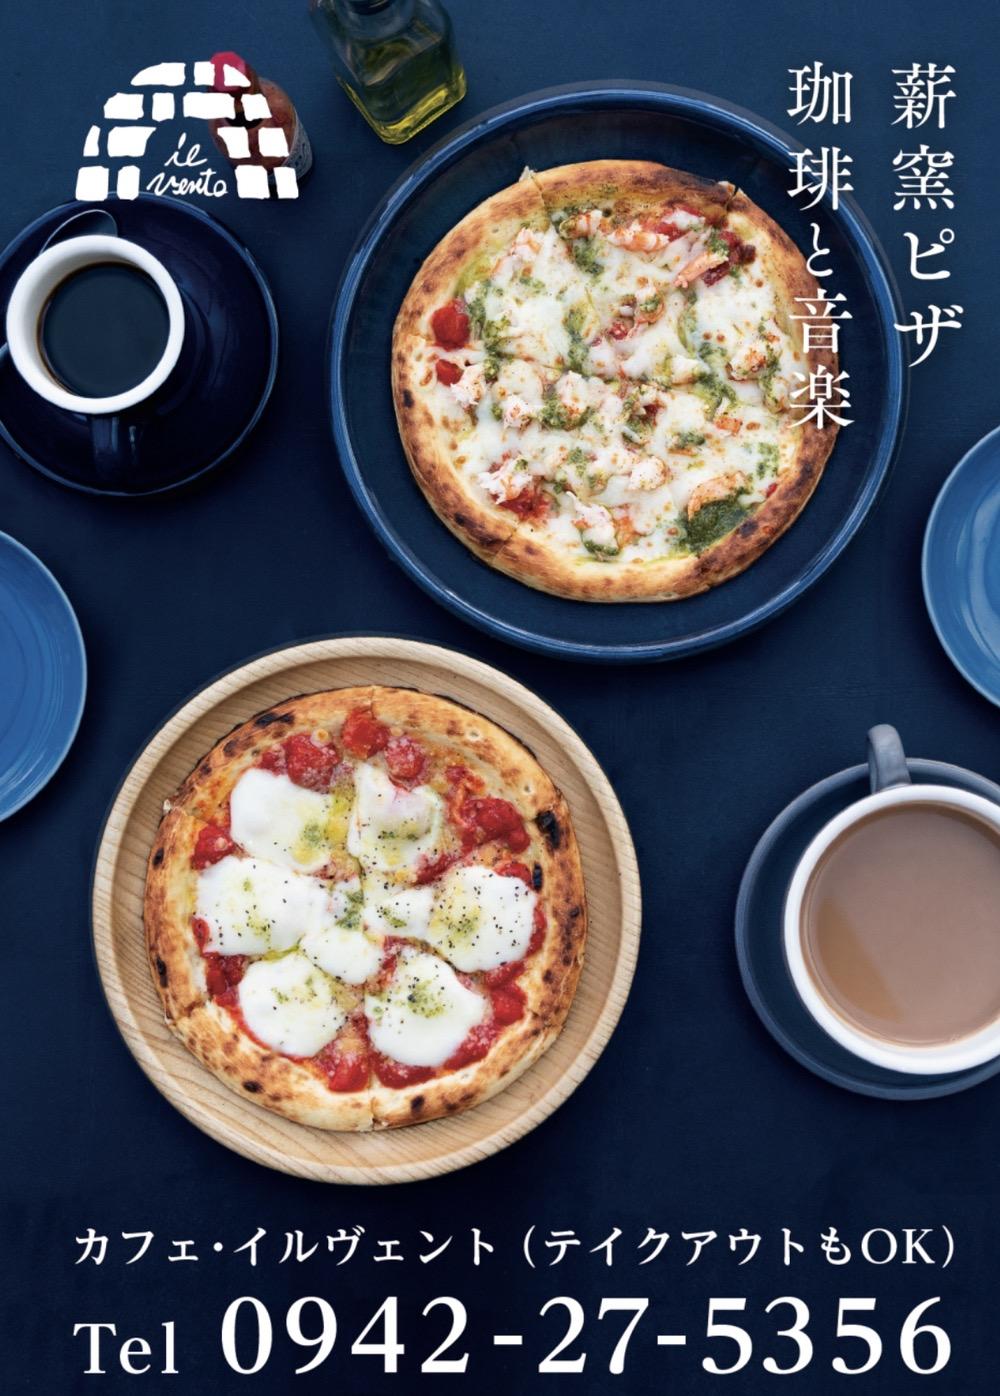 カフェ イルヴェント 久留米市上津町にある薪釜ピザが名物のイタリアン